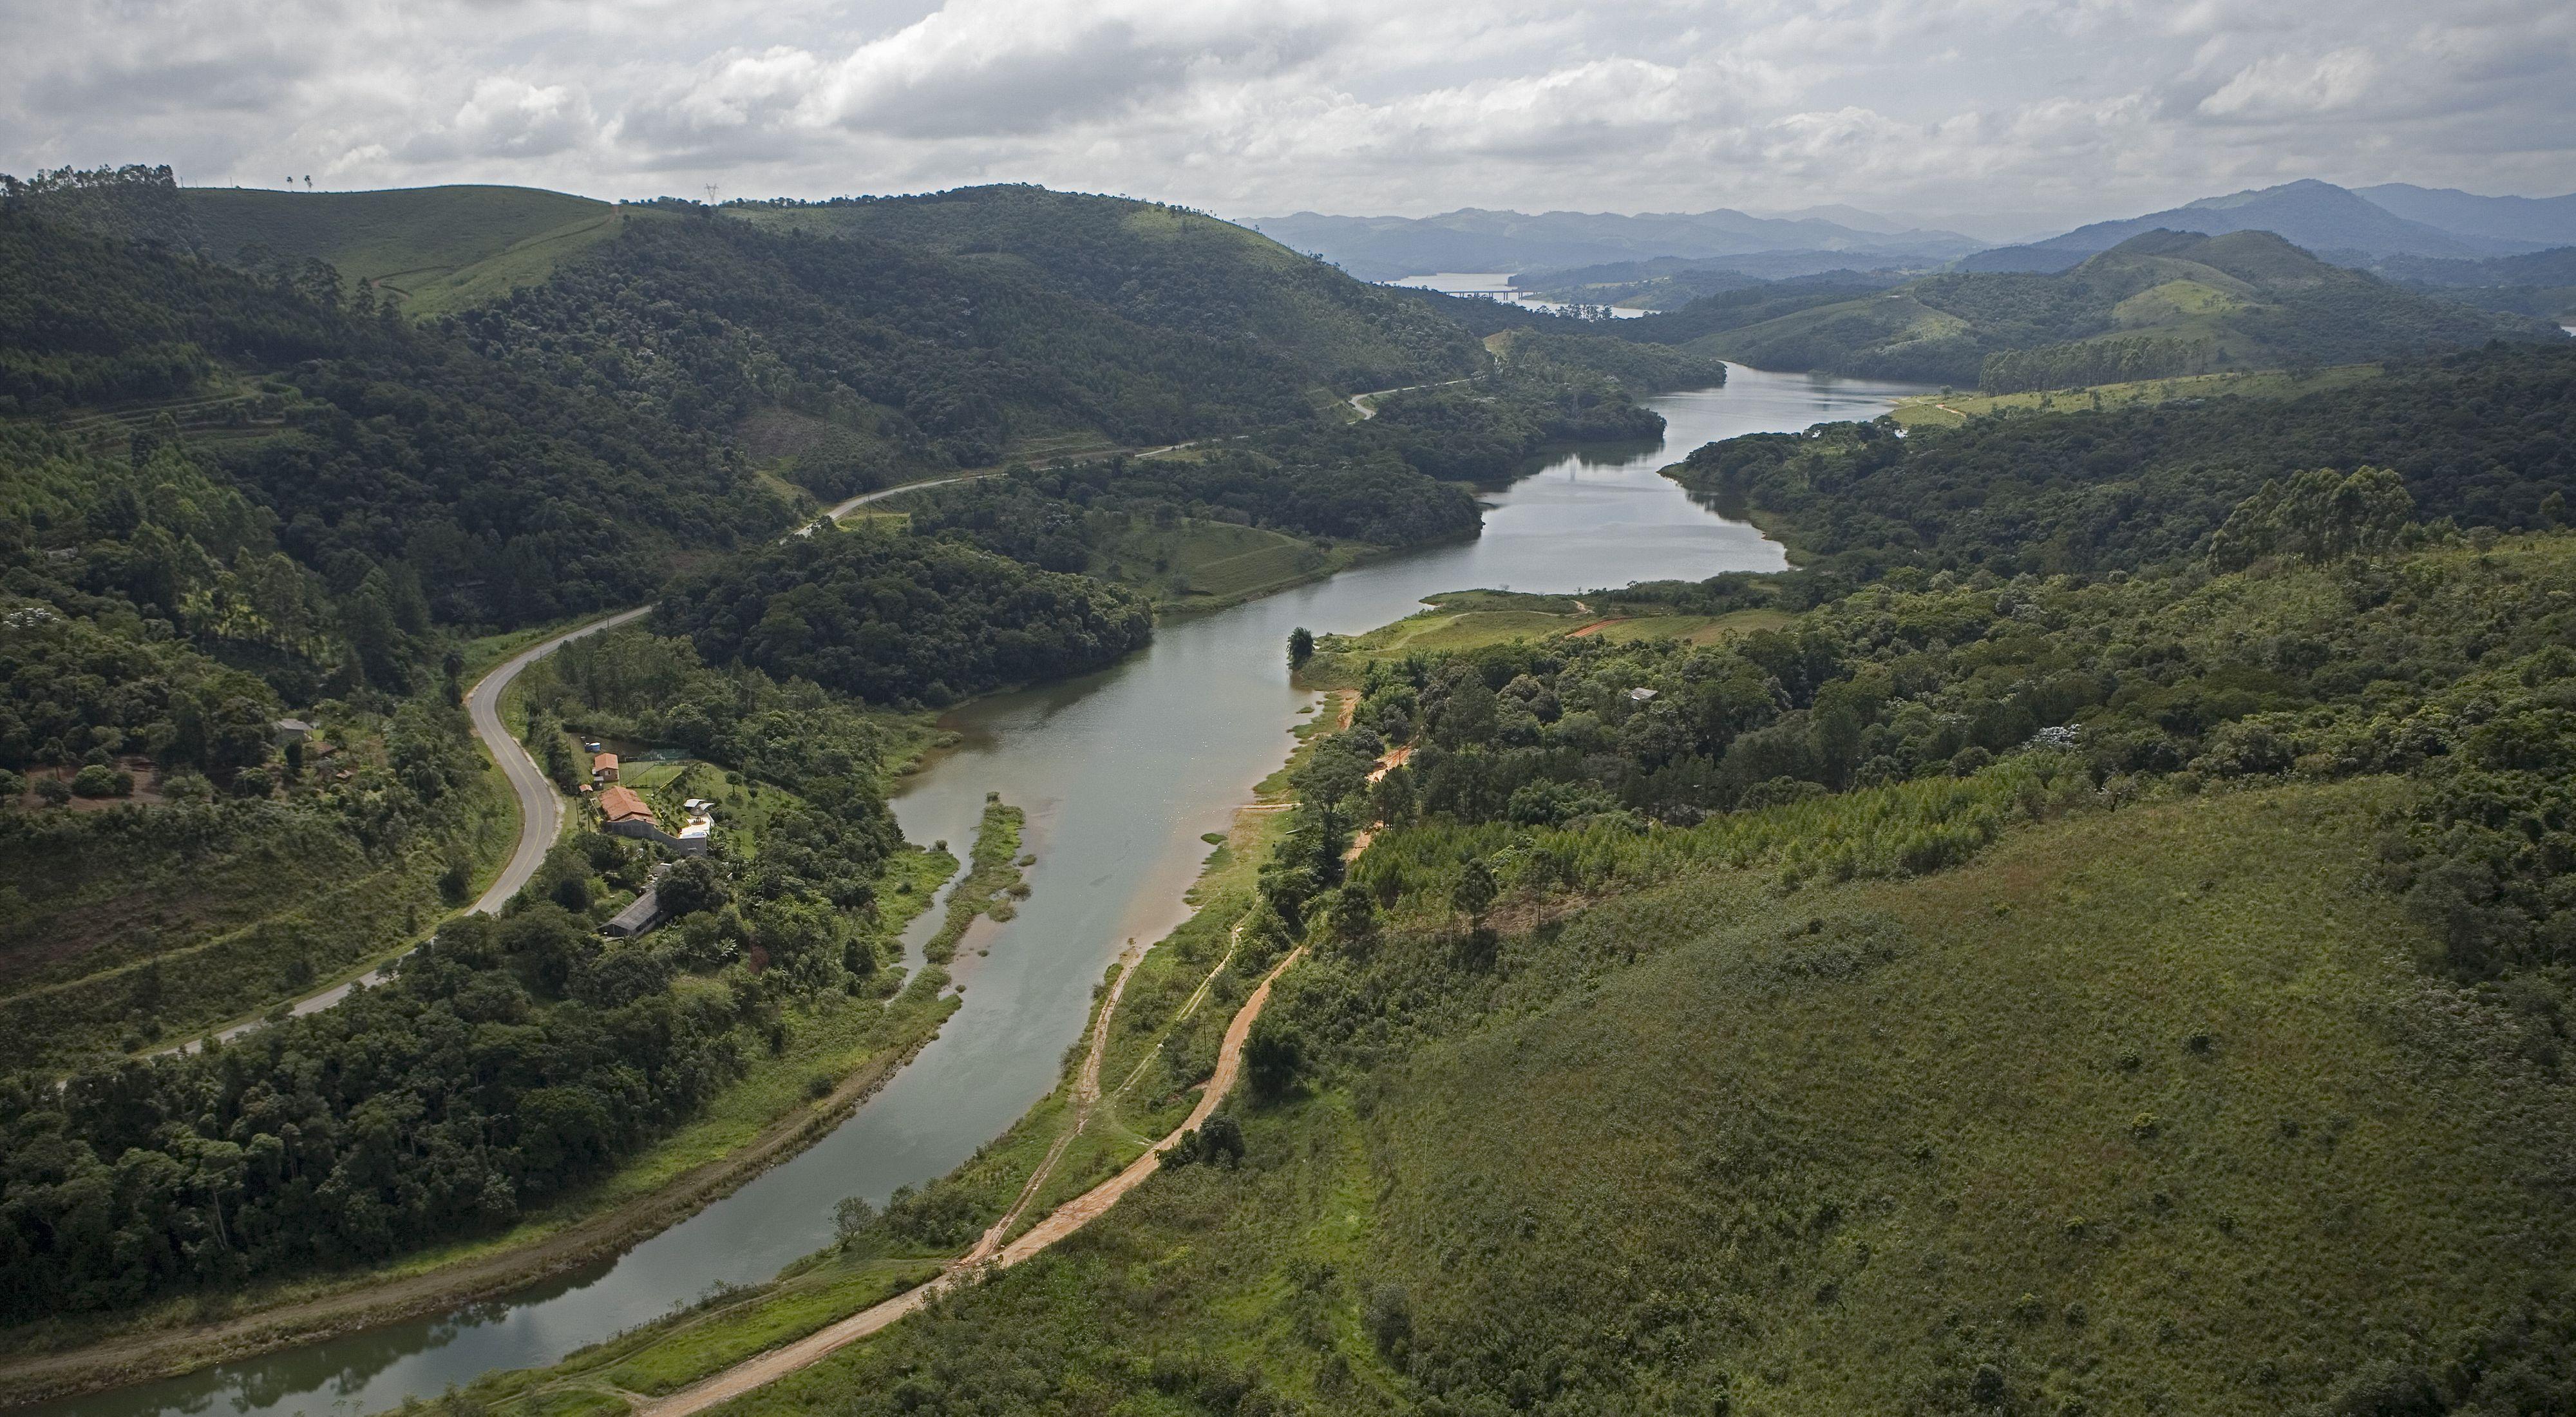 Vista aérea do reservatório Atibainha, parte do Sistema Cantareira, em Nazaré Paulista-SP.